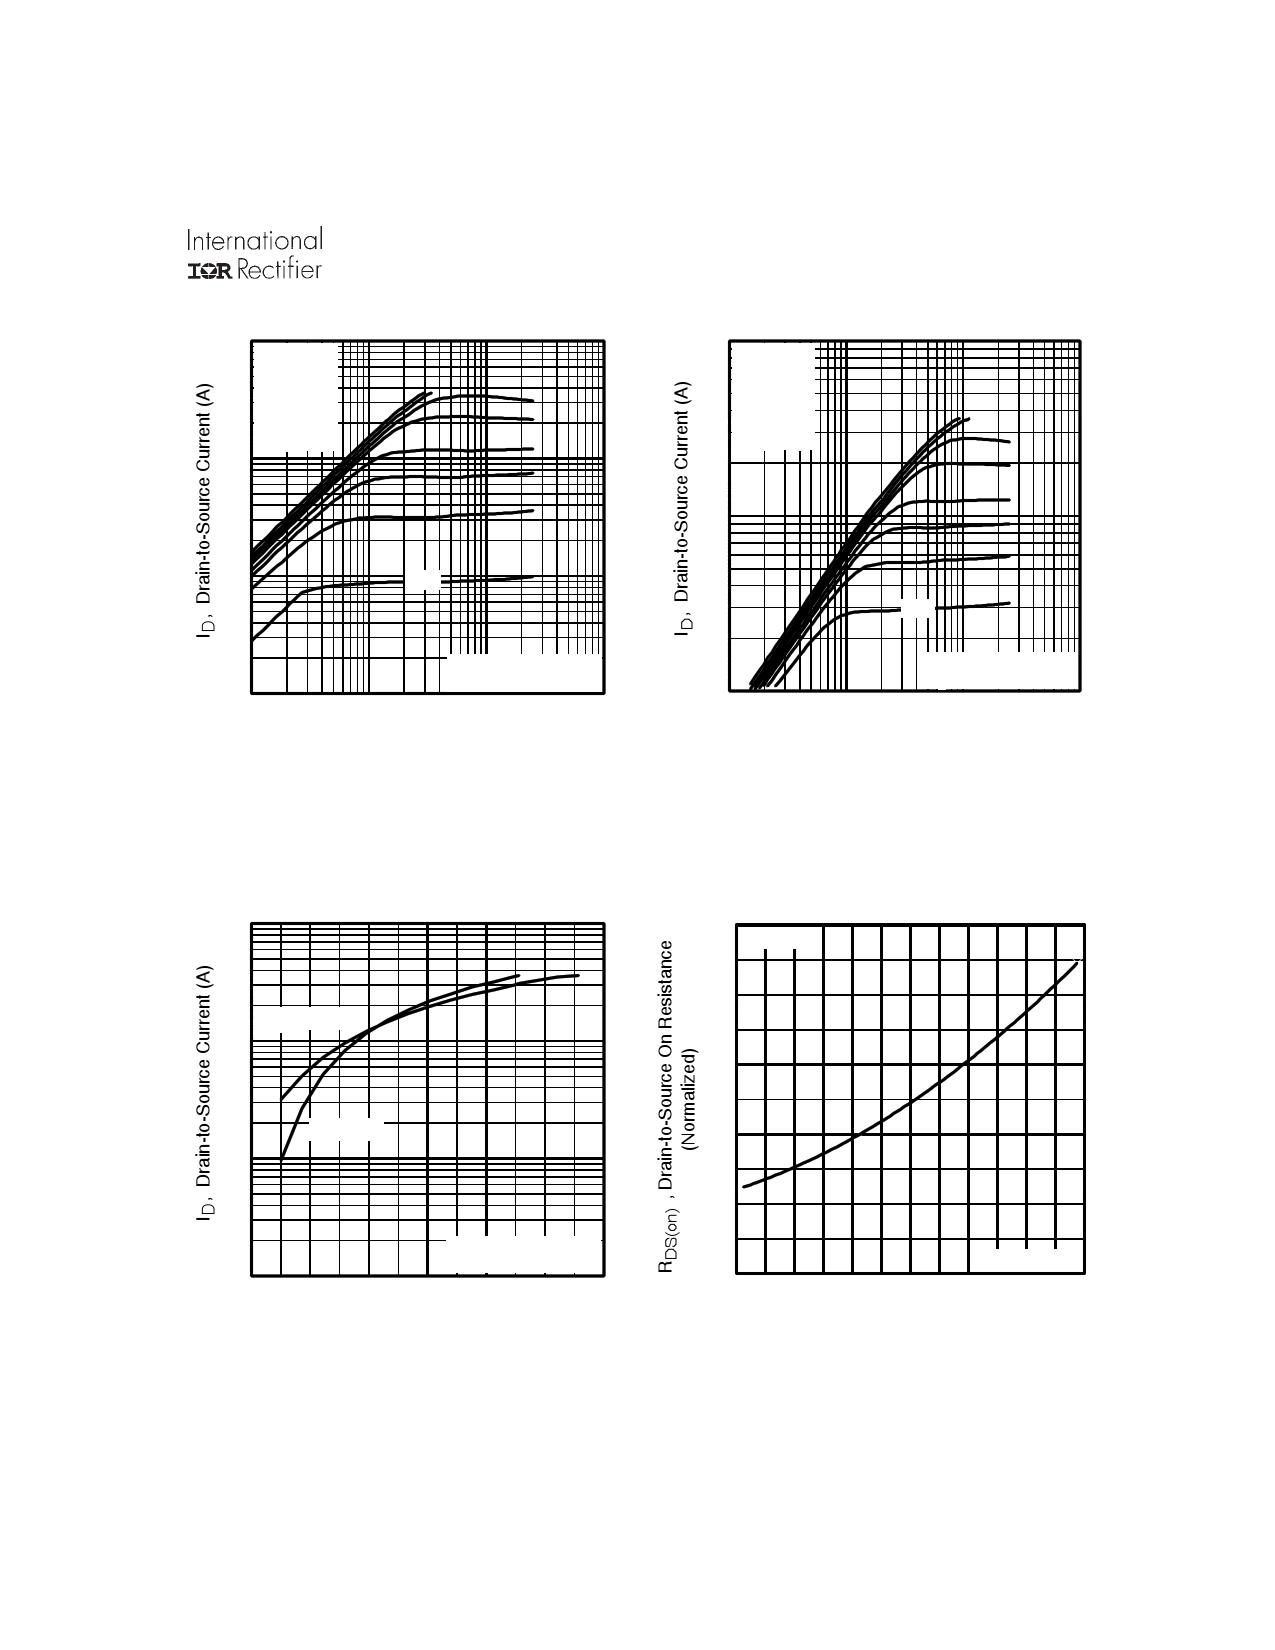 IRFB4215PbF pdf, ピン配列